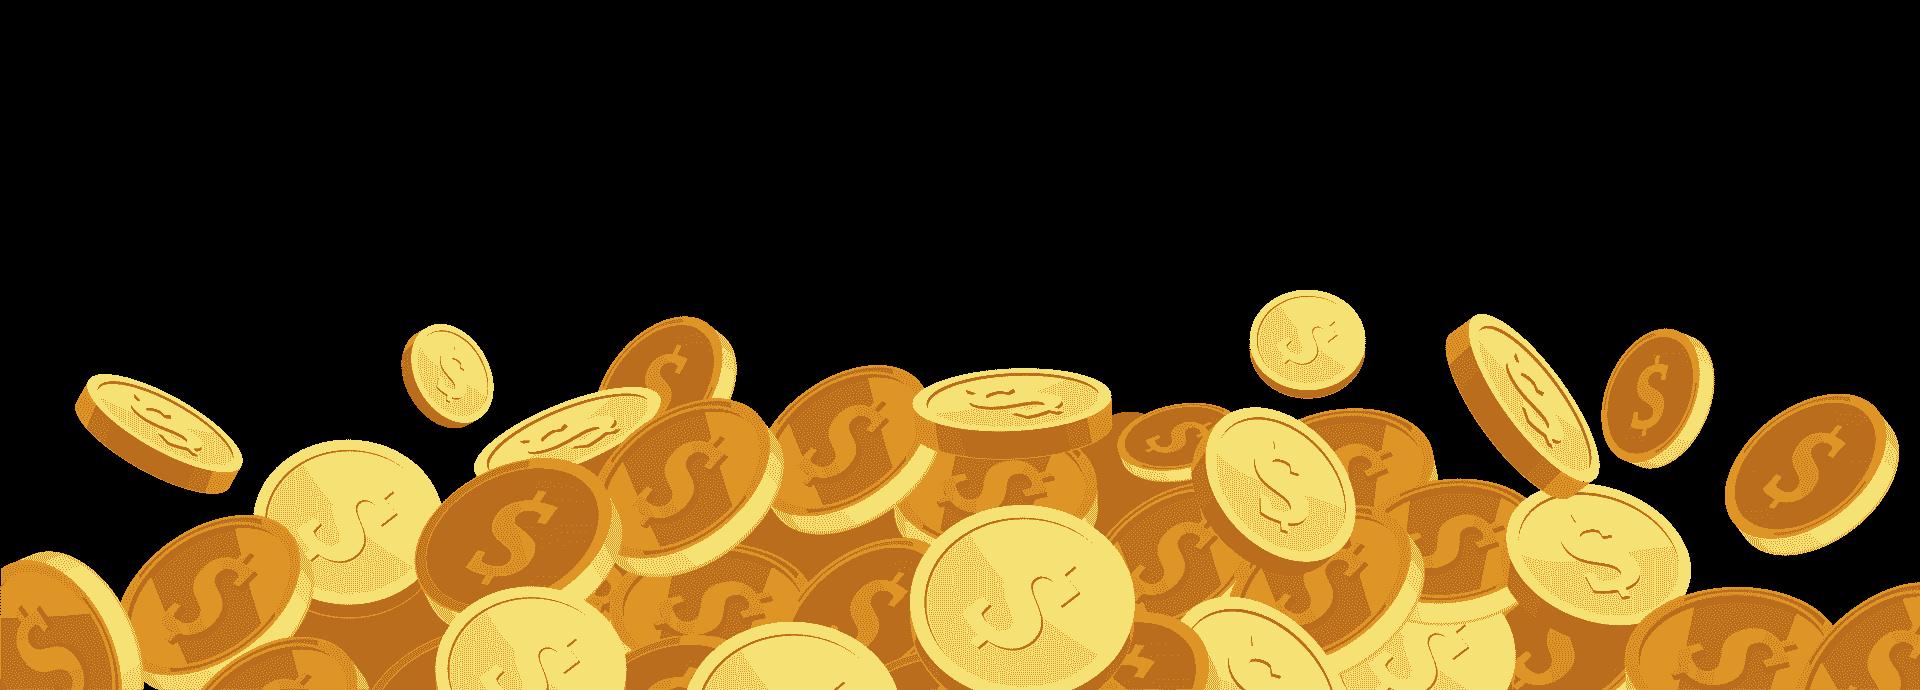 Проверка пенсионных фондов и касс в Израиле как получить свое